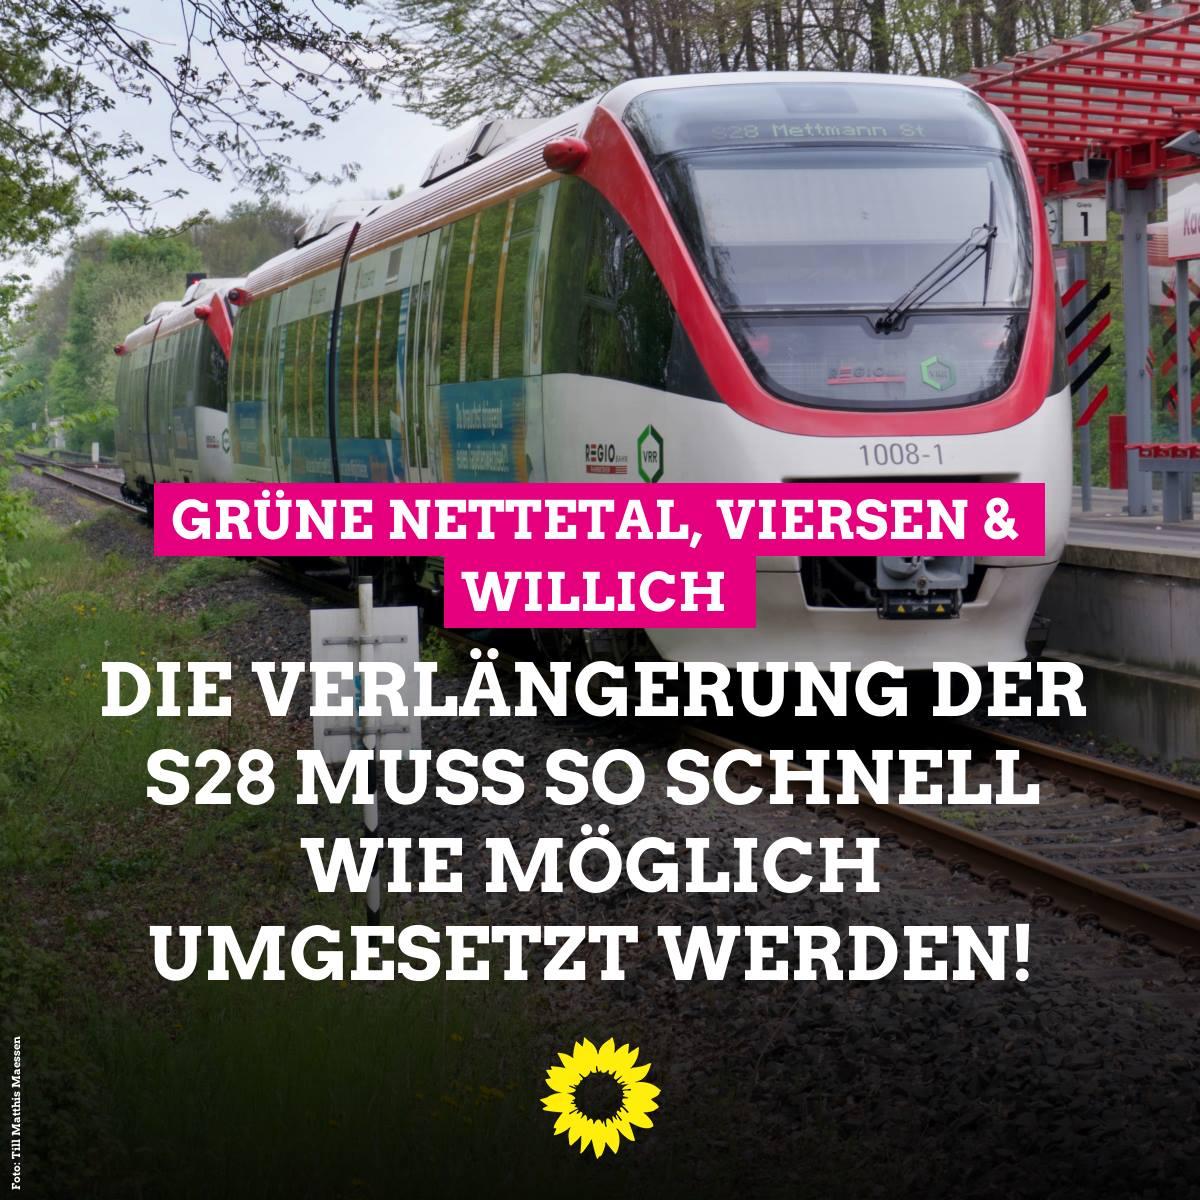 Höchste Eisenbahn!